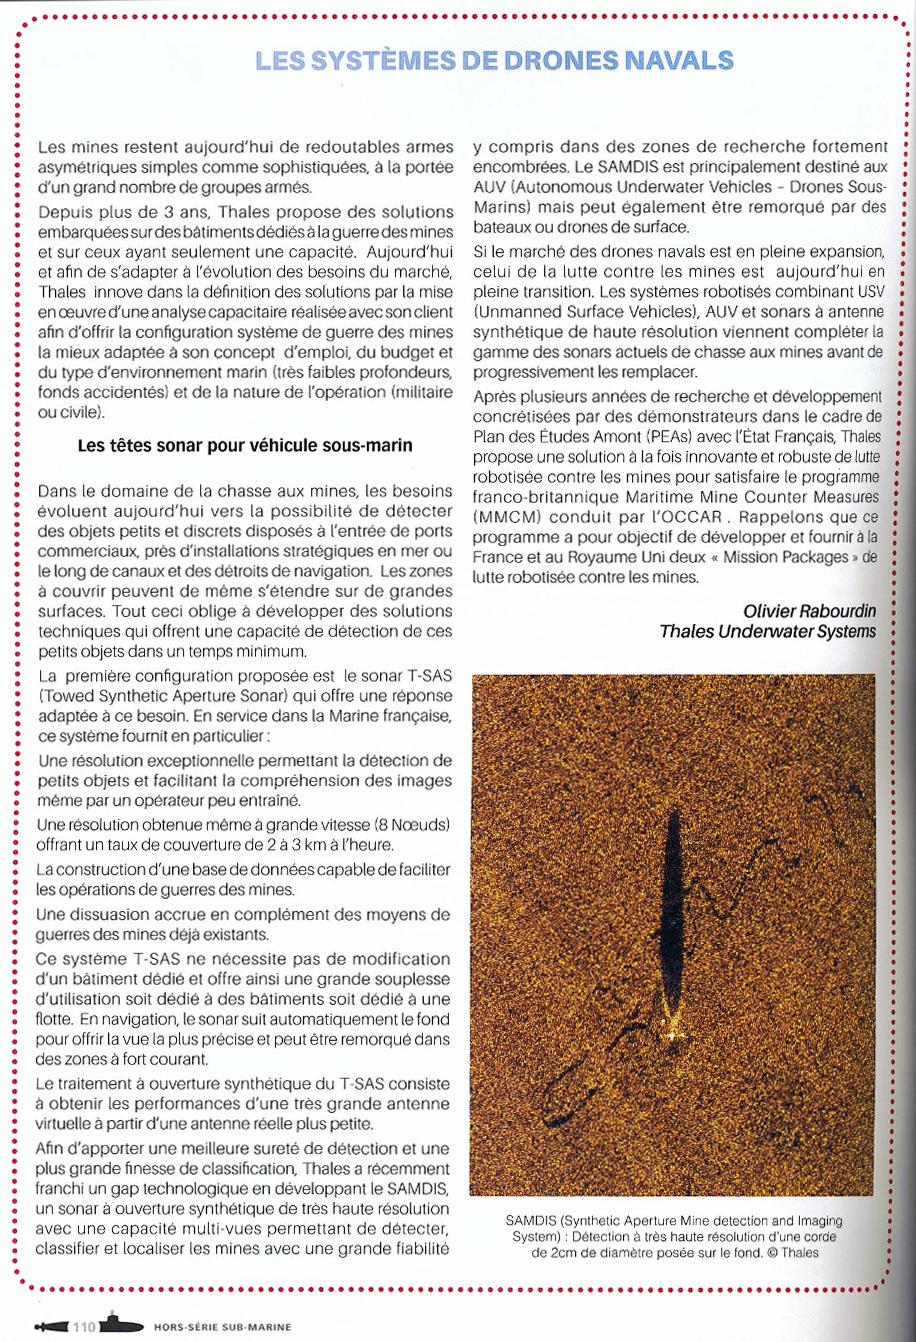 Comment seront nos futurs chasseurs de mines ? (Part. 2) - Page 6 26195415